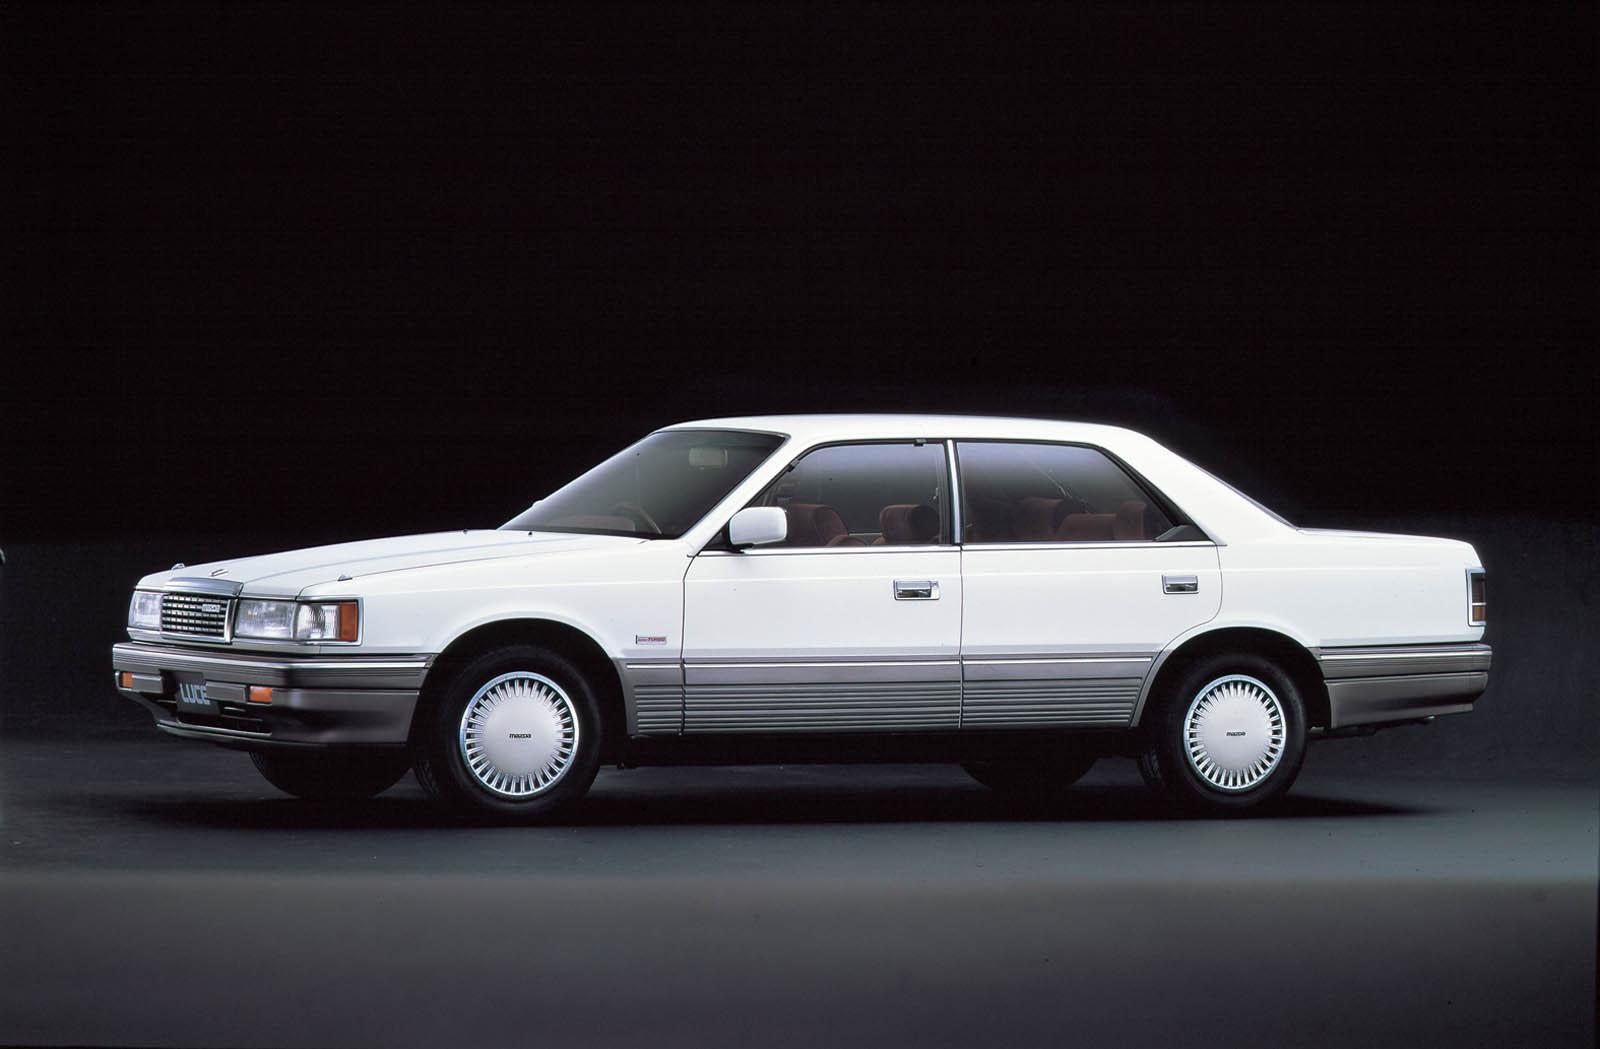 Mazda-50-years-of-rotary-p32_01